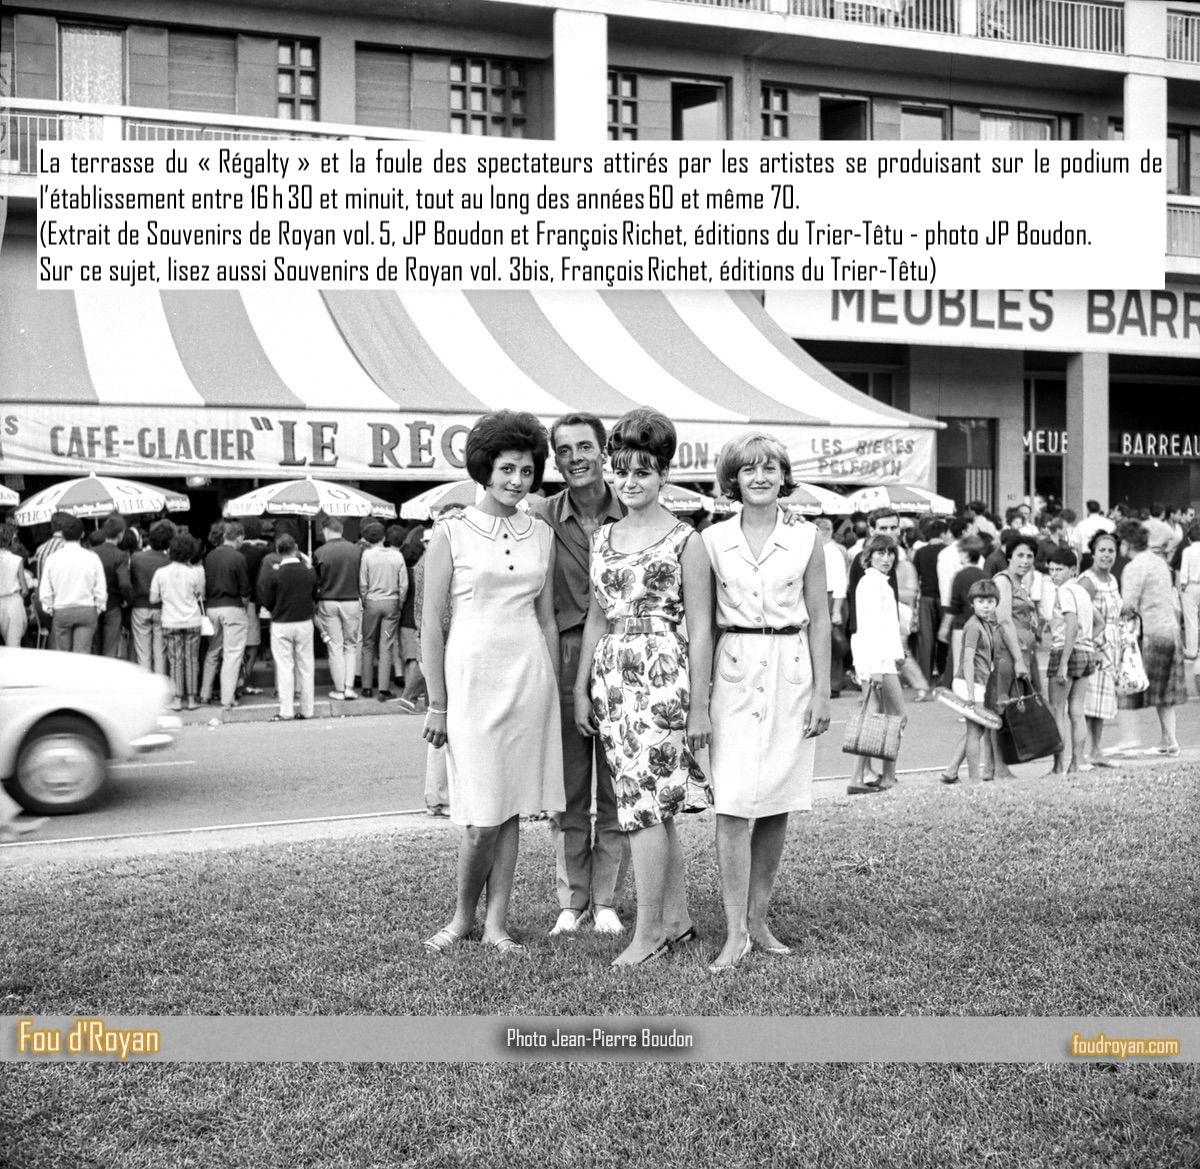 La terrasse du Regalty et la foule dans les années 60 à Royan